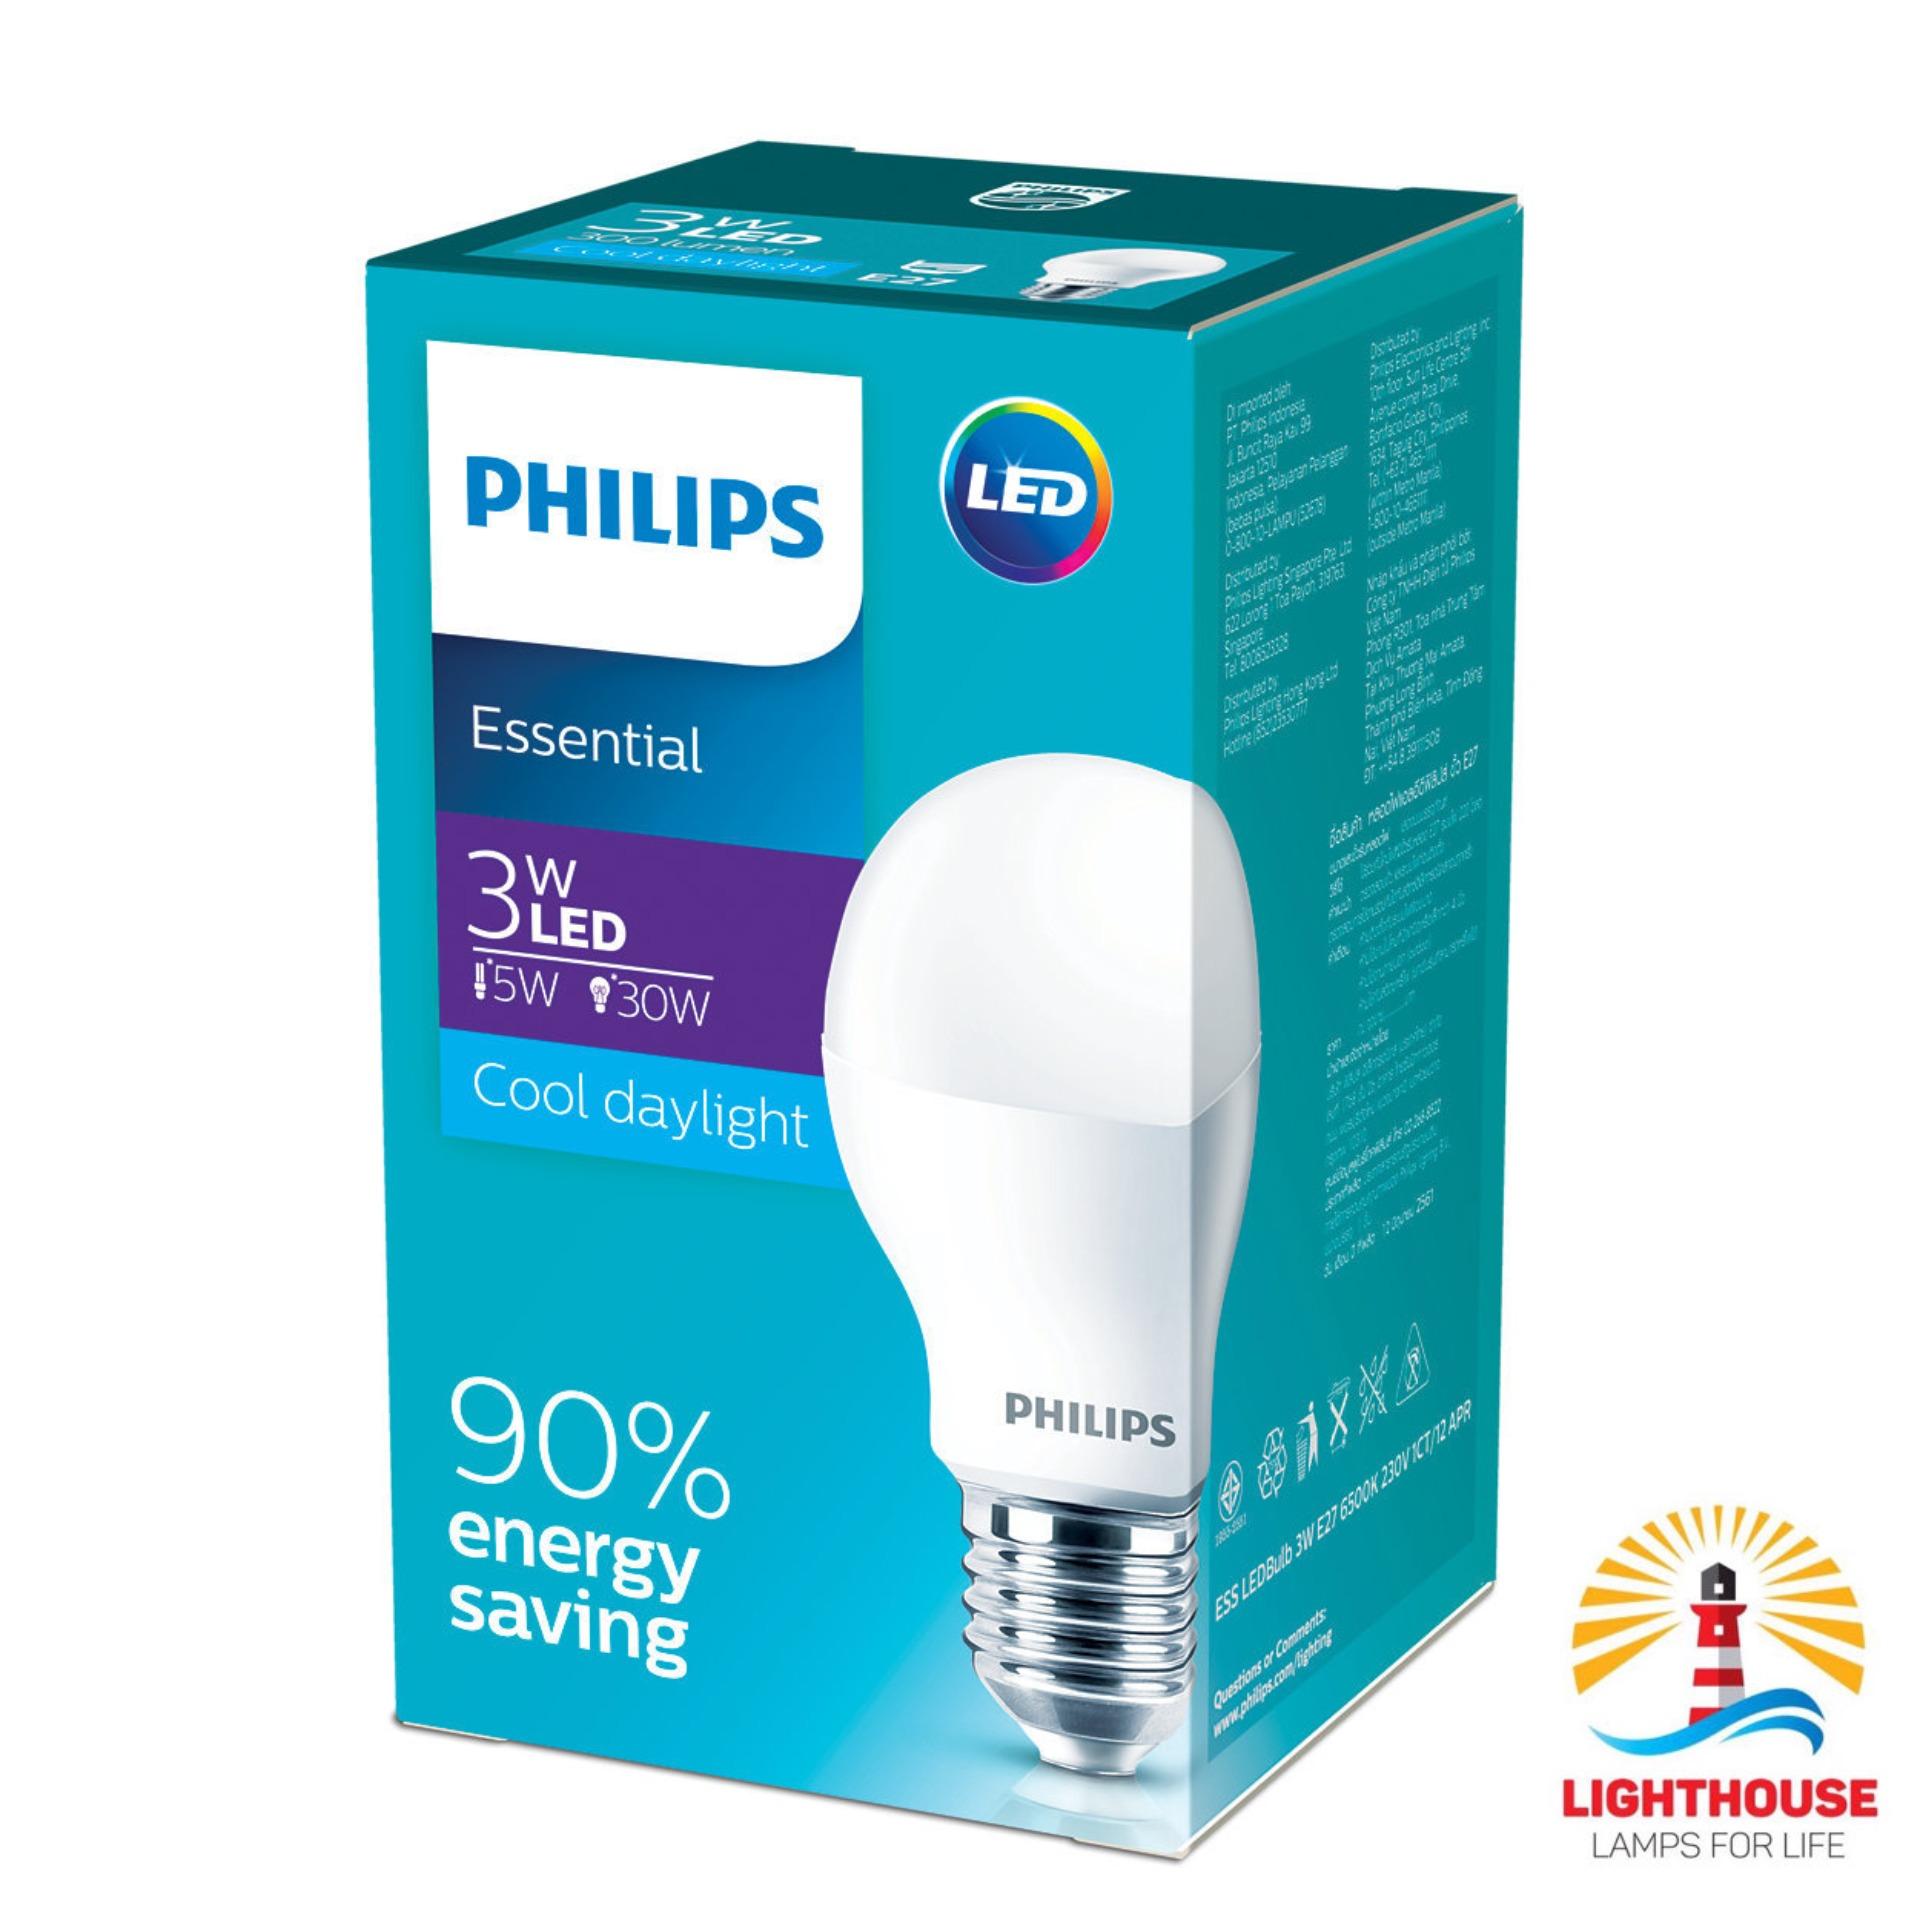 Philips Lampu LED Bulb 3W Led Essential 3 Watt E27 Putih Cool Daylight